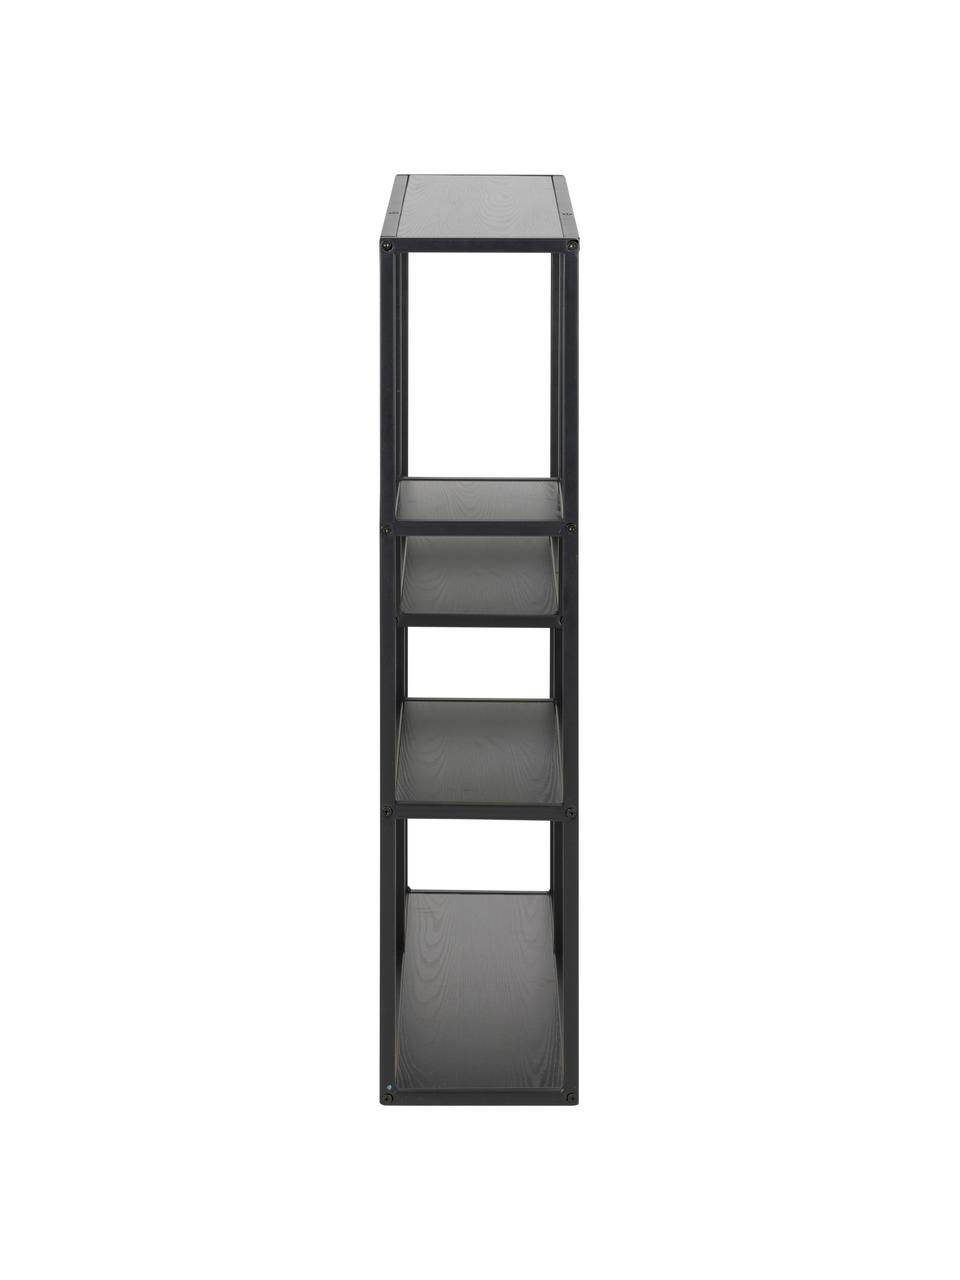 Wandregal Seaford Zig aus Holz und Metall, Einlegeböden: Mitteldichte Holzfaserpla, Gestell: Metall, pulverbeschichtet, Schwarz, 75 x 91 cm